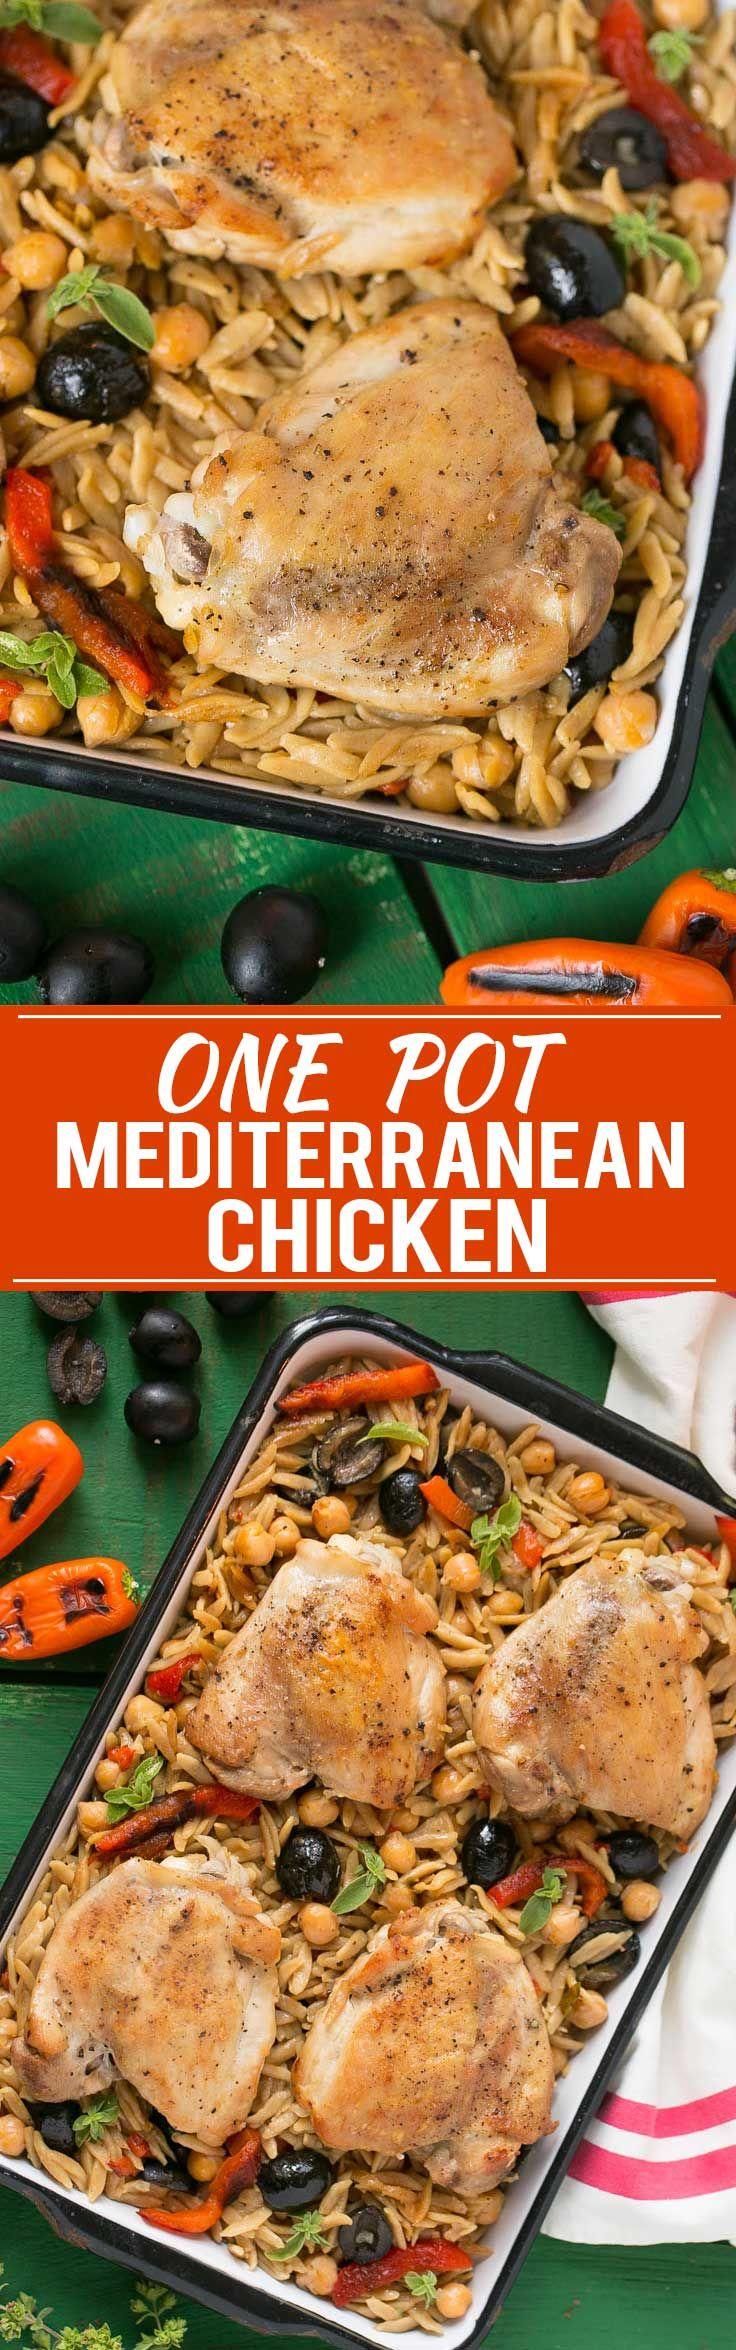 Este pollo mediterráneo con aceitunas y de Orzo es una comida sana que está hecho en una sola olla.  Anuncio